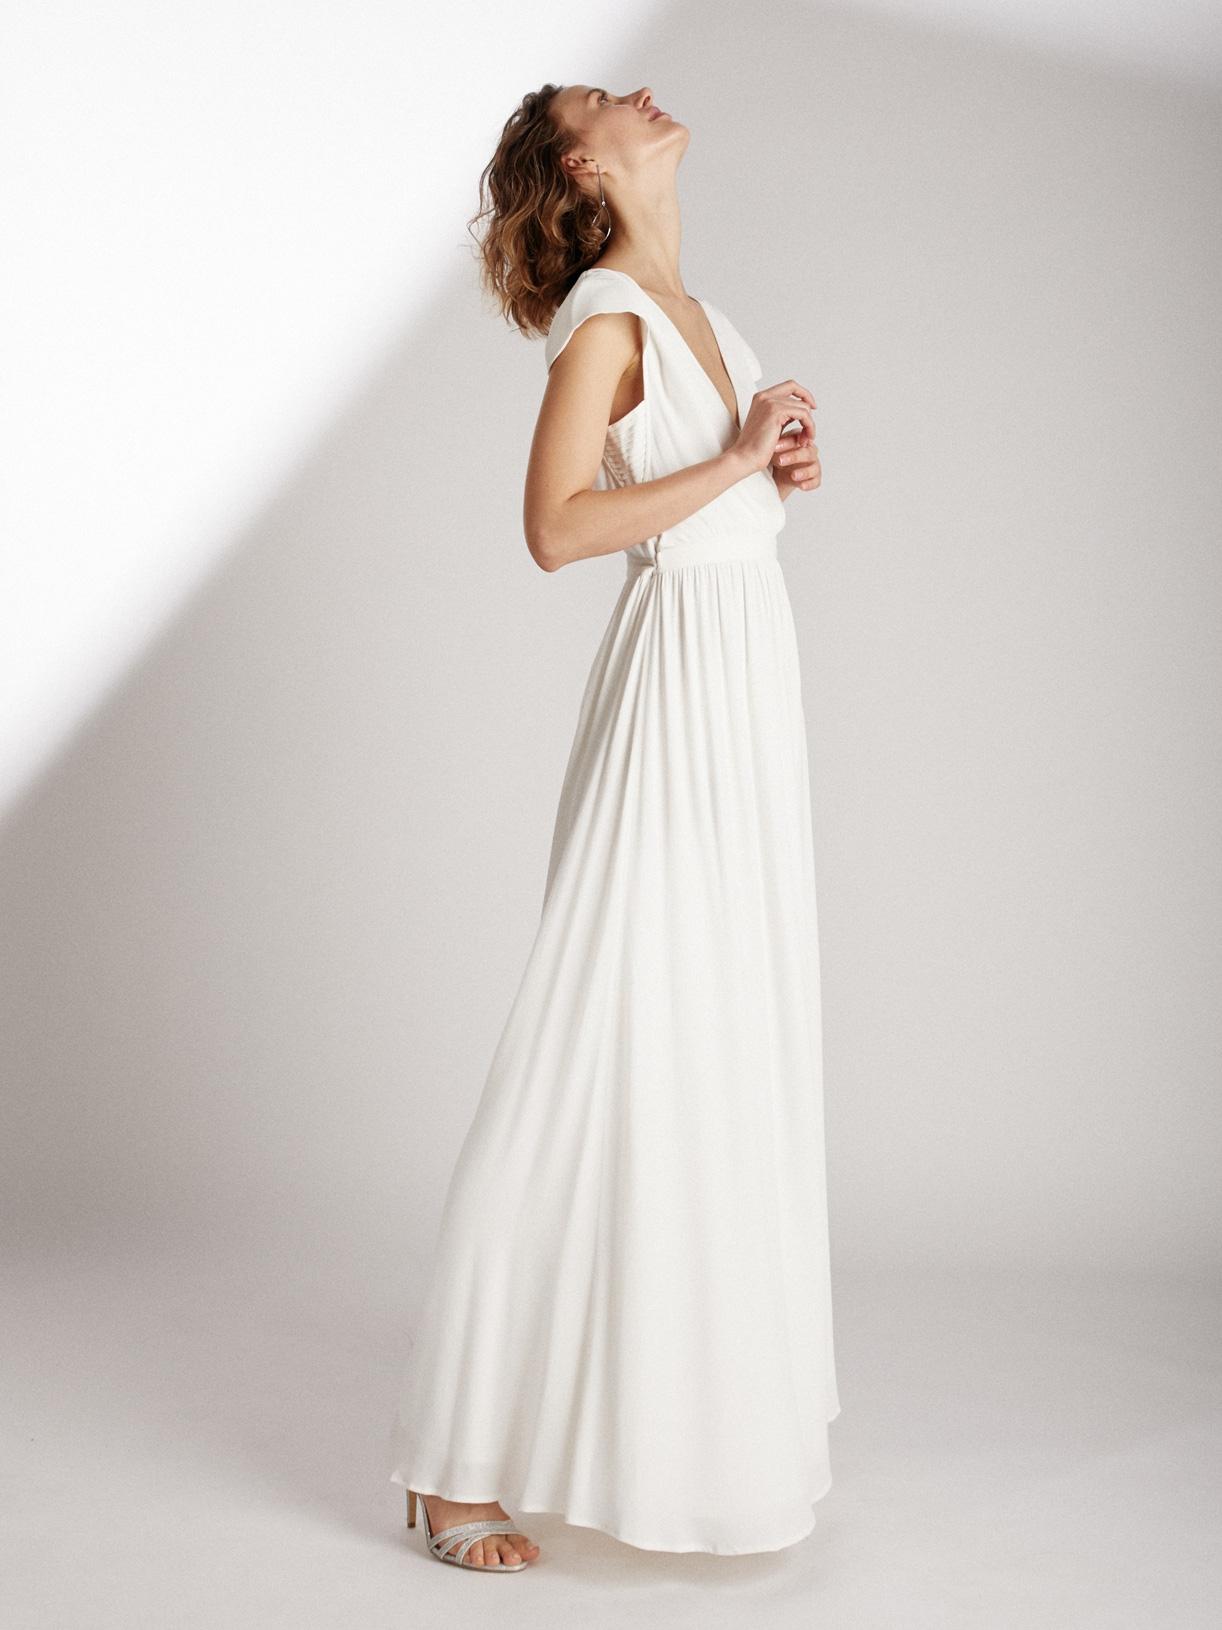 DREAMY - Robe de mariée longue dos-nu cache coeur éthique et sur-mesure - Myphilosophy